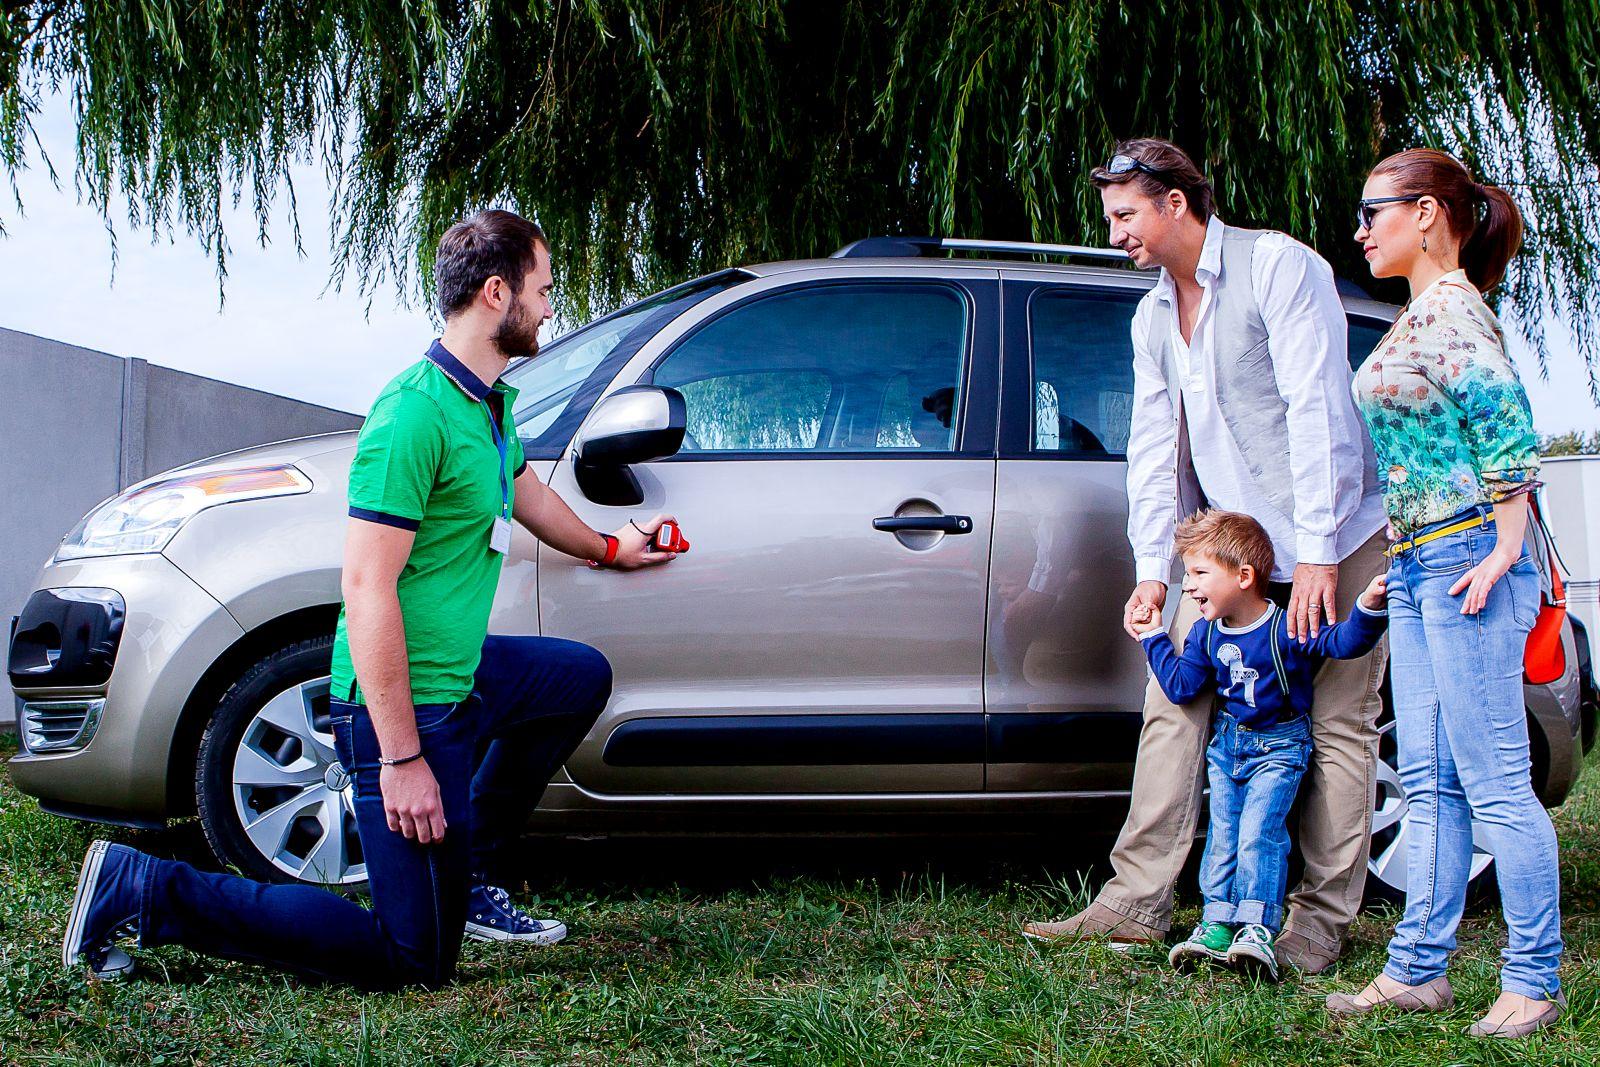 Riešenim zložitosti a rizík kúpy jazdeného auta je sluzba Autoporadca